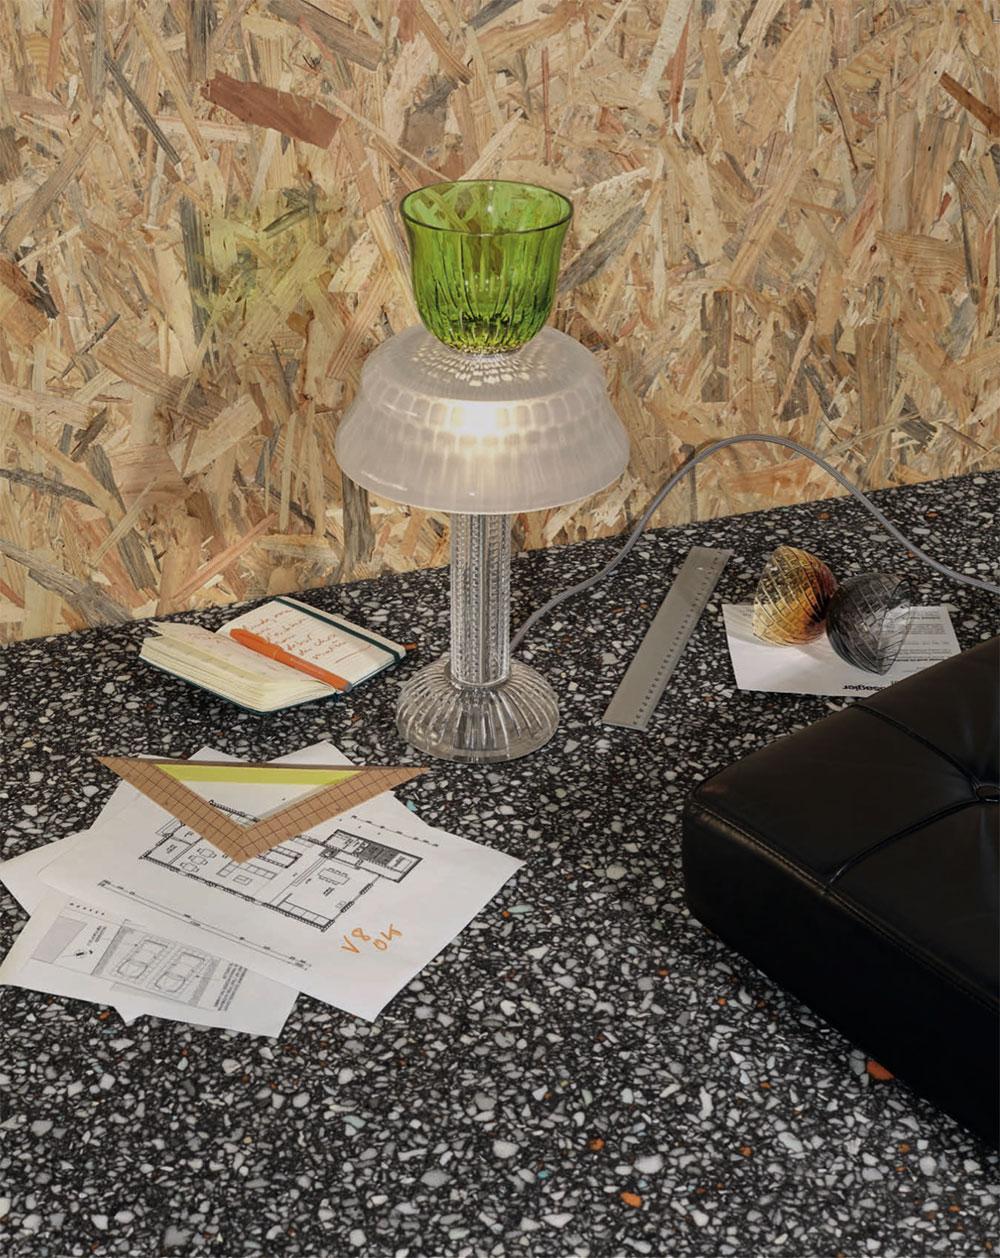 Lampe à poser chartreuse et cristal clair sablé, et bougeoir cierge ambre et flanelle, Les Endiablés par José Lévy © Nathalie Mohadjer pour Saint-Louis